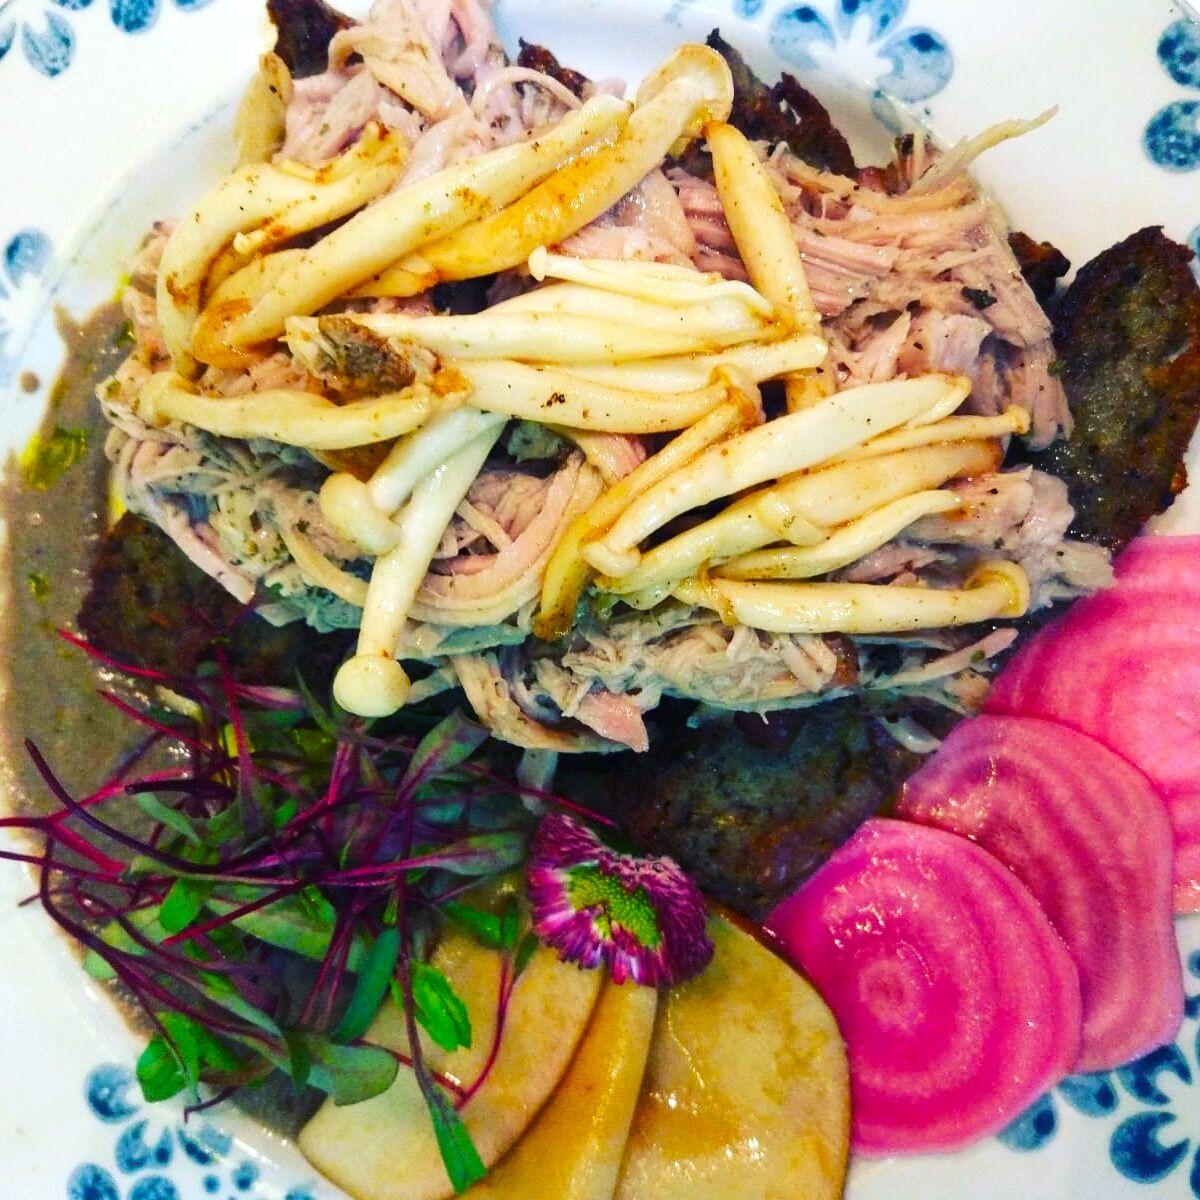 Szarpana wieprzowina na babie kartoflanej z musem z pieczarek, piklowanymi burakami i grzybkami shimeji